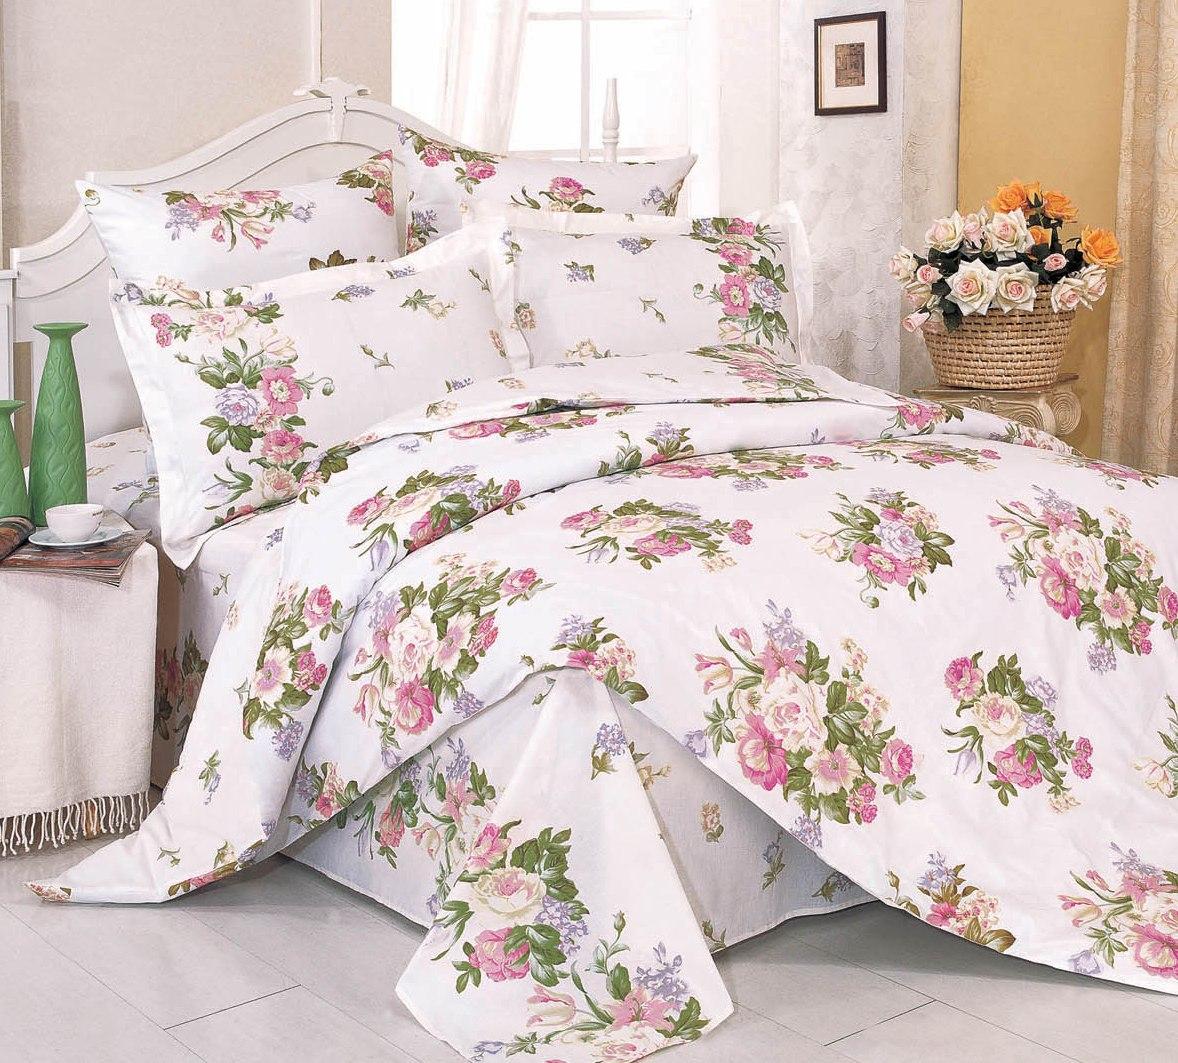 Купить Комплекты постельного белья СайлиД, Постельное белье Imani А/s-28 (2 сп. евро), Китай, Зеленый, Кремовый, Розовый, Поплин